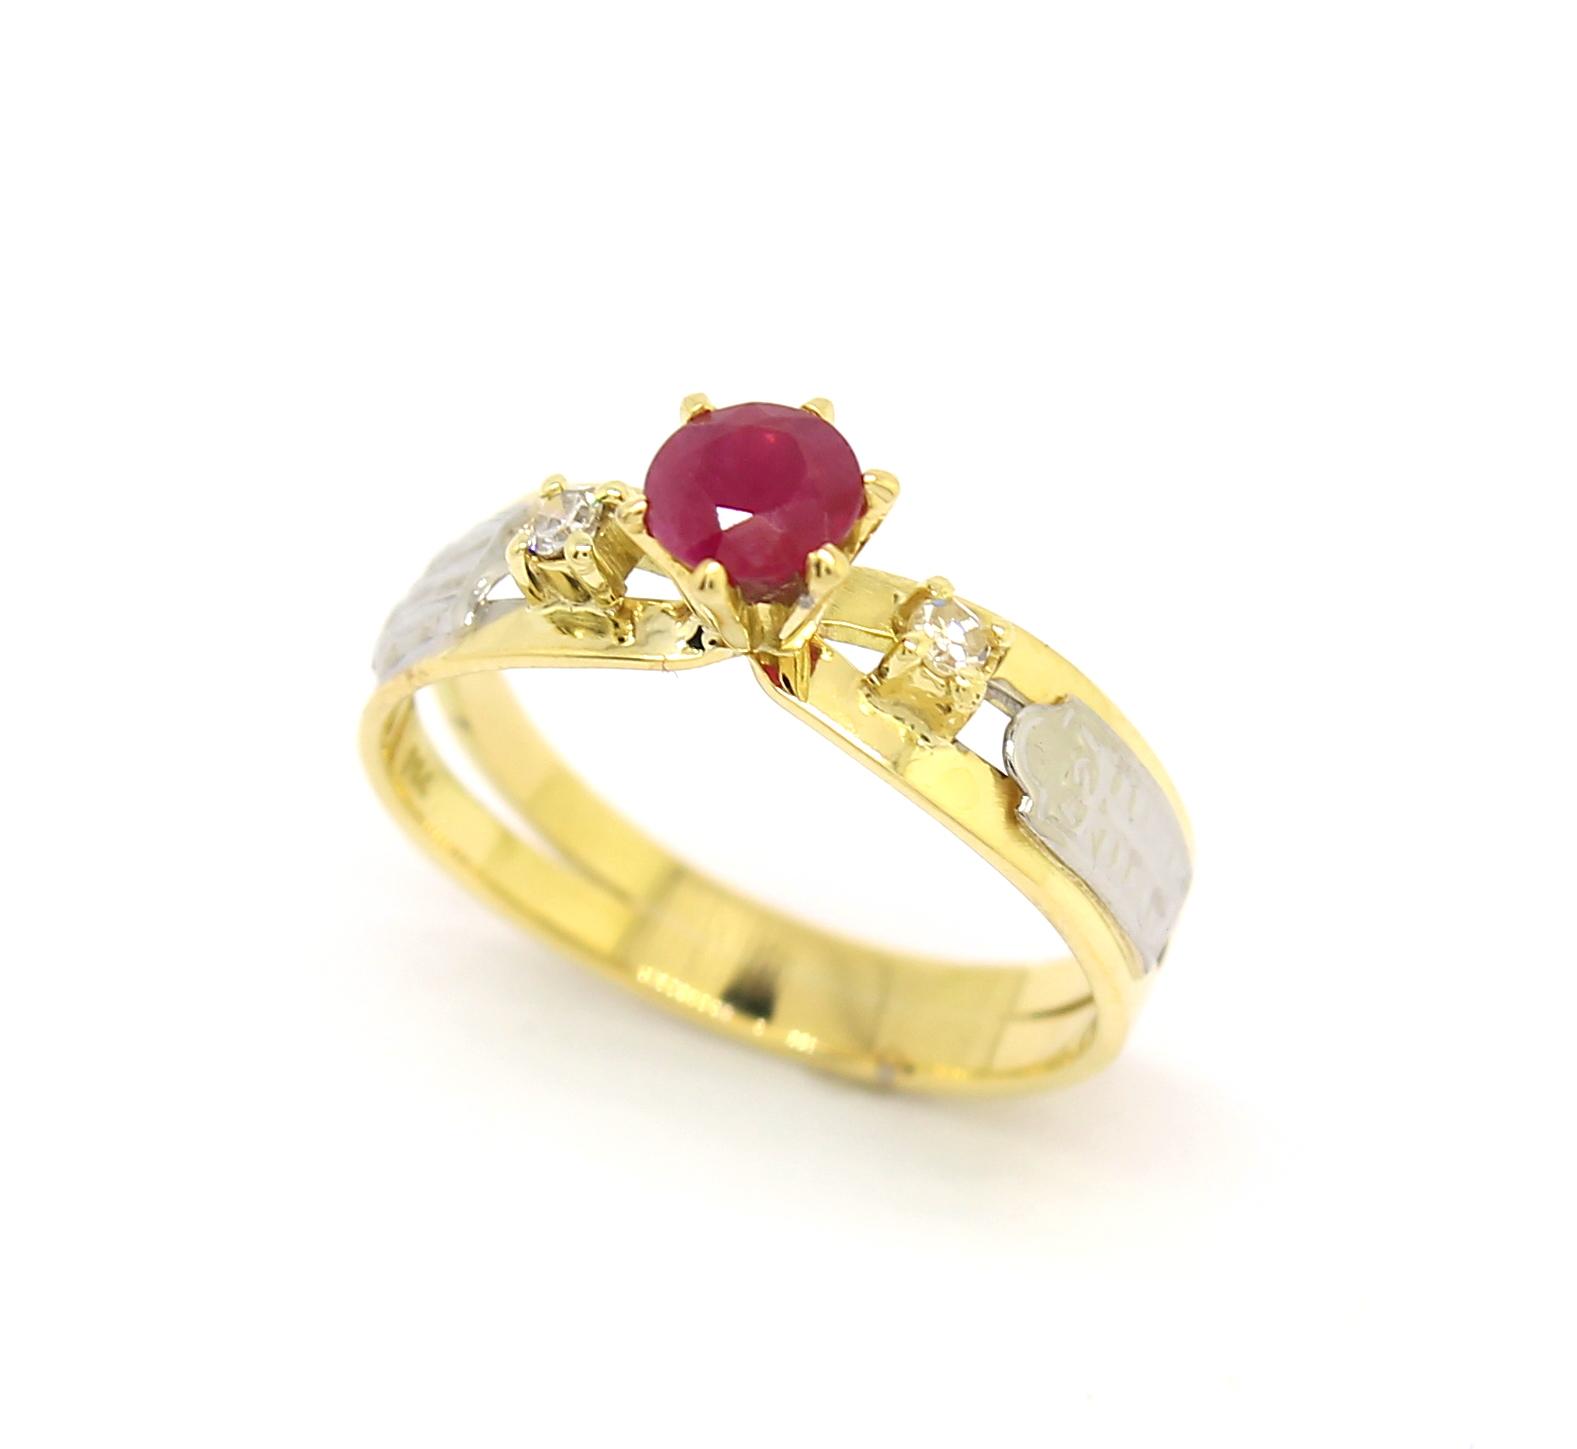 Anel de Formatura Direito Rubi e Diamantes Ouro 18k 750 - Marcio ... 985341bf79